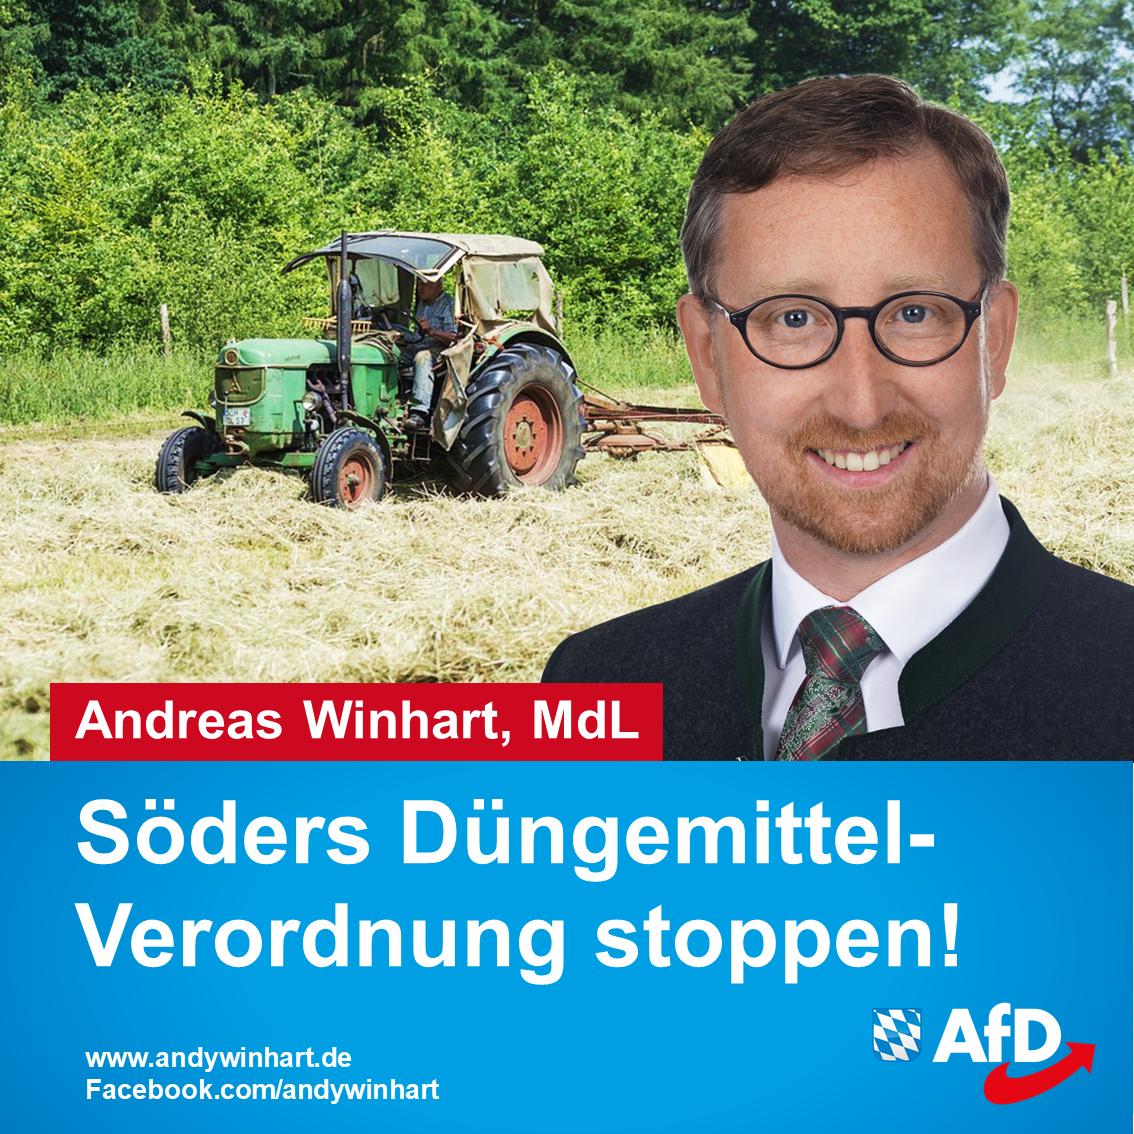 Andreas Winhart MdL fordert Stopp von Söders Düngemittelverordnung